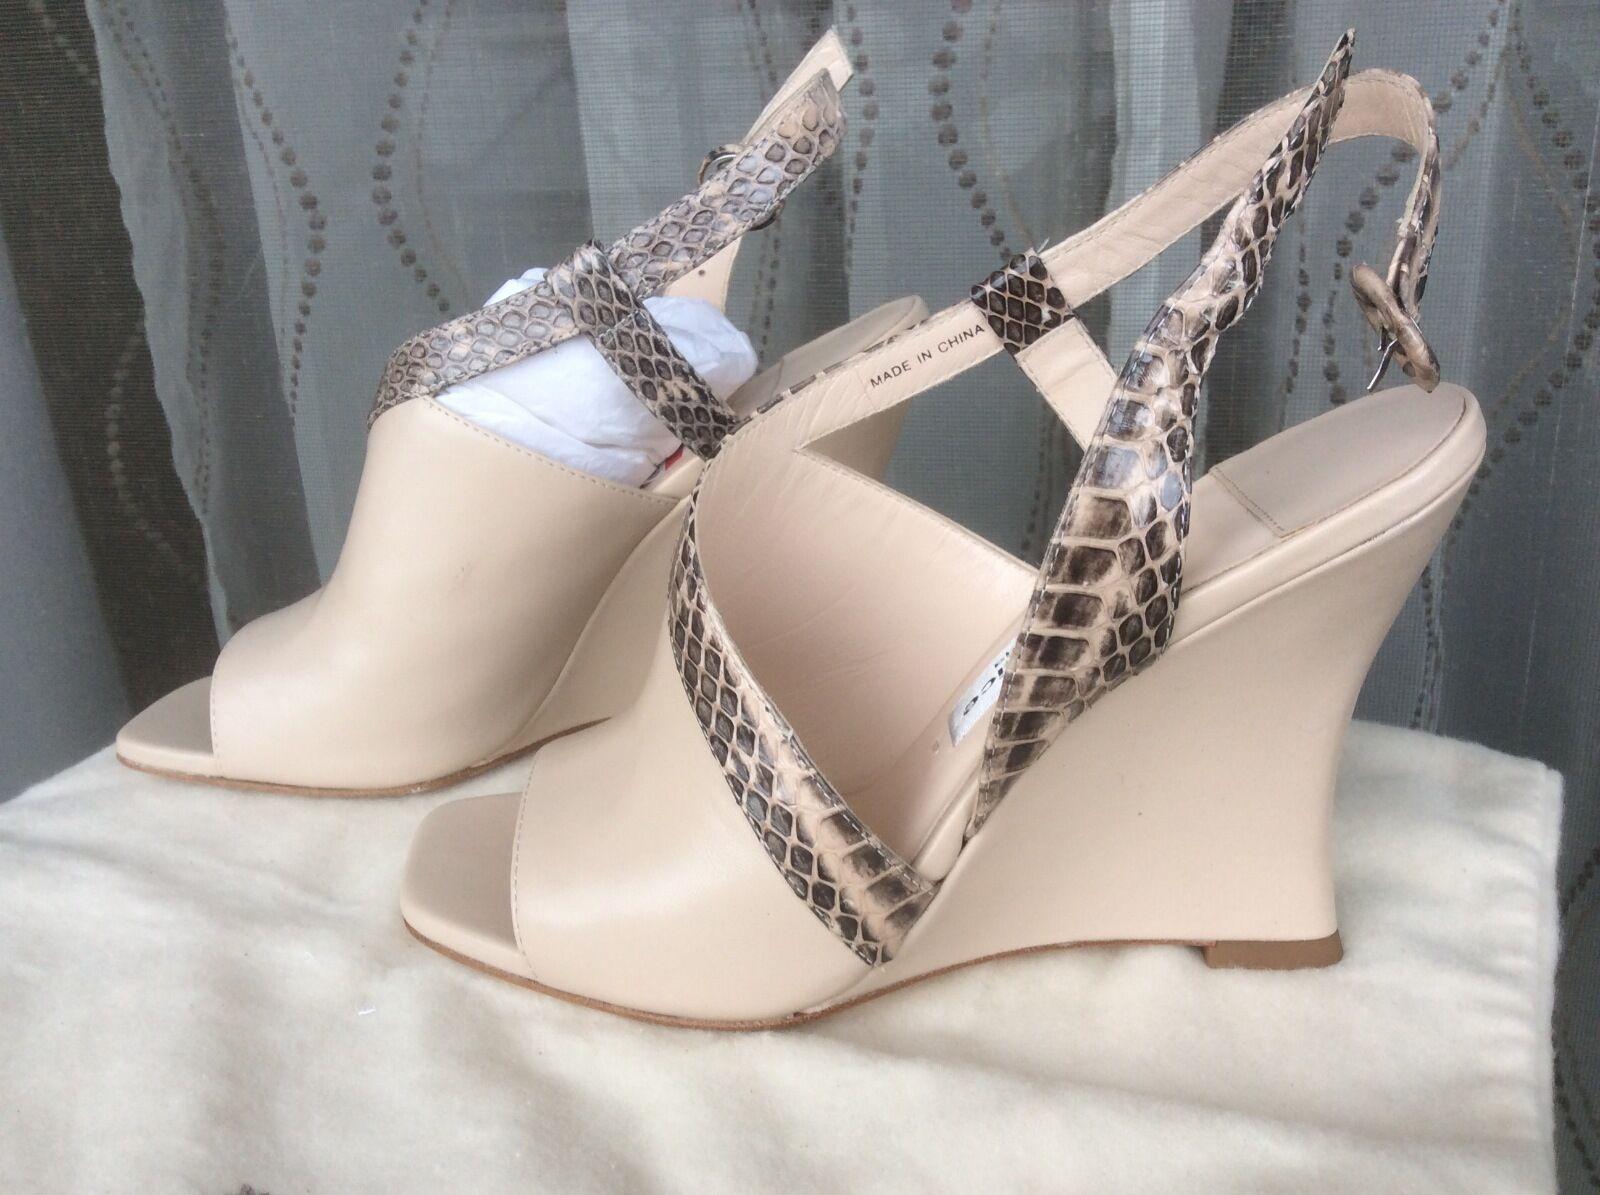 La Fenice S9758A-00913A Beige Damenschuhe Schuhes Größe 6 Heels MSRP 165